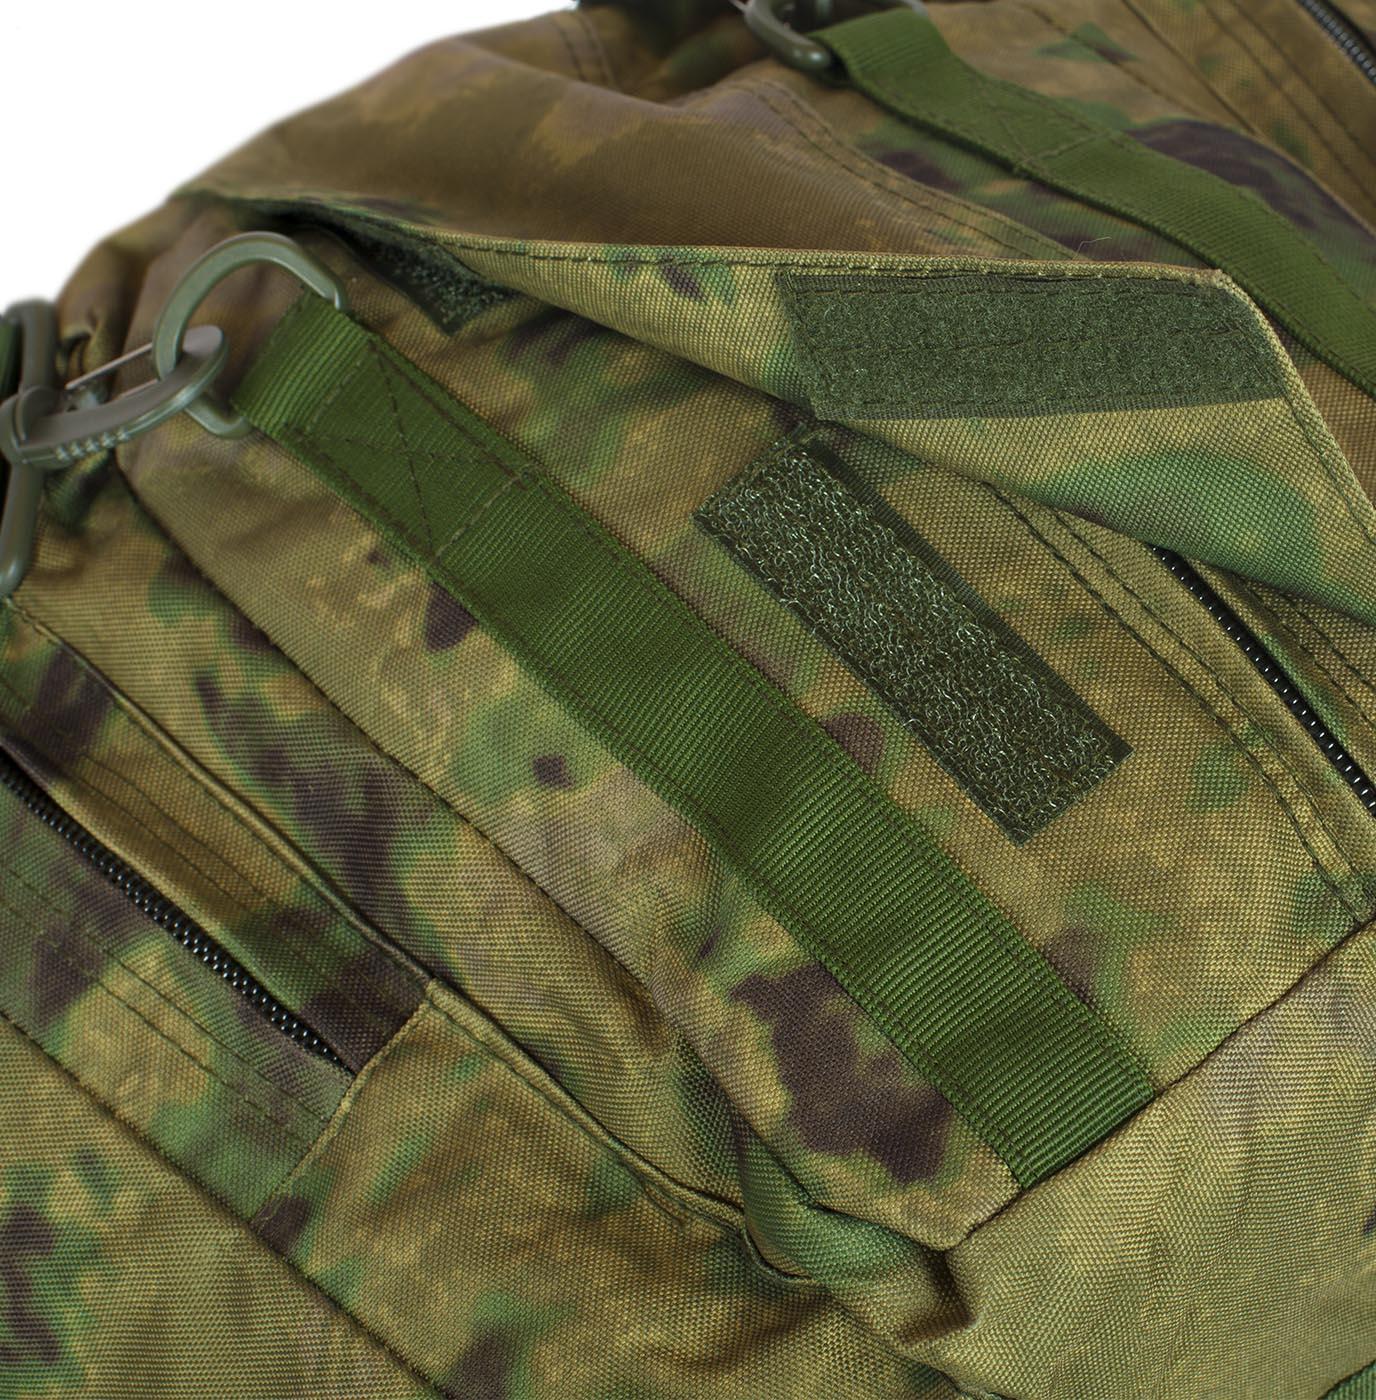 Заплечная камуфляжная сумка с нашивкой Эх, хвост, чешуя - заказать оптом